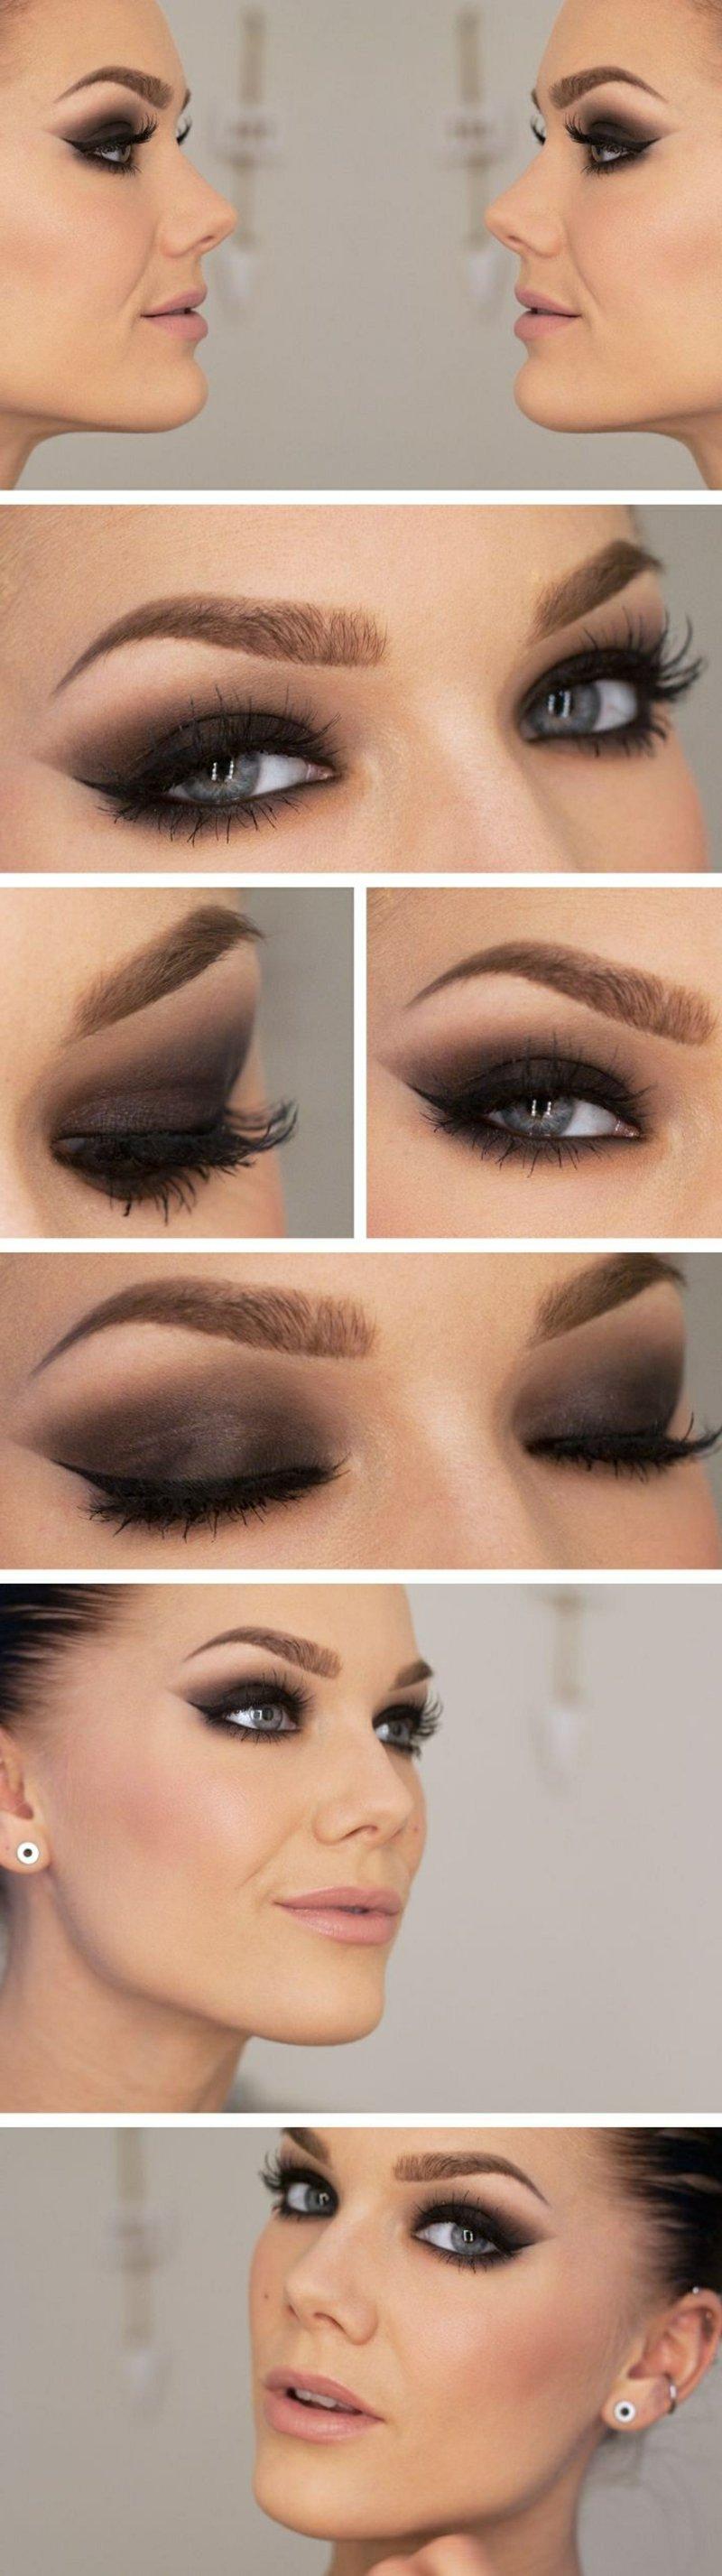 Tipps Schminken blaue Augenfarbe